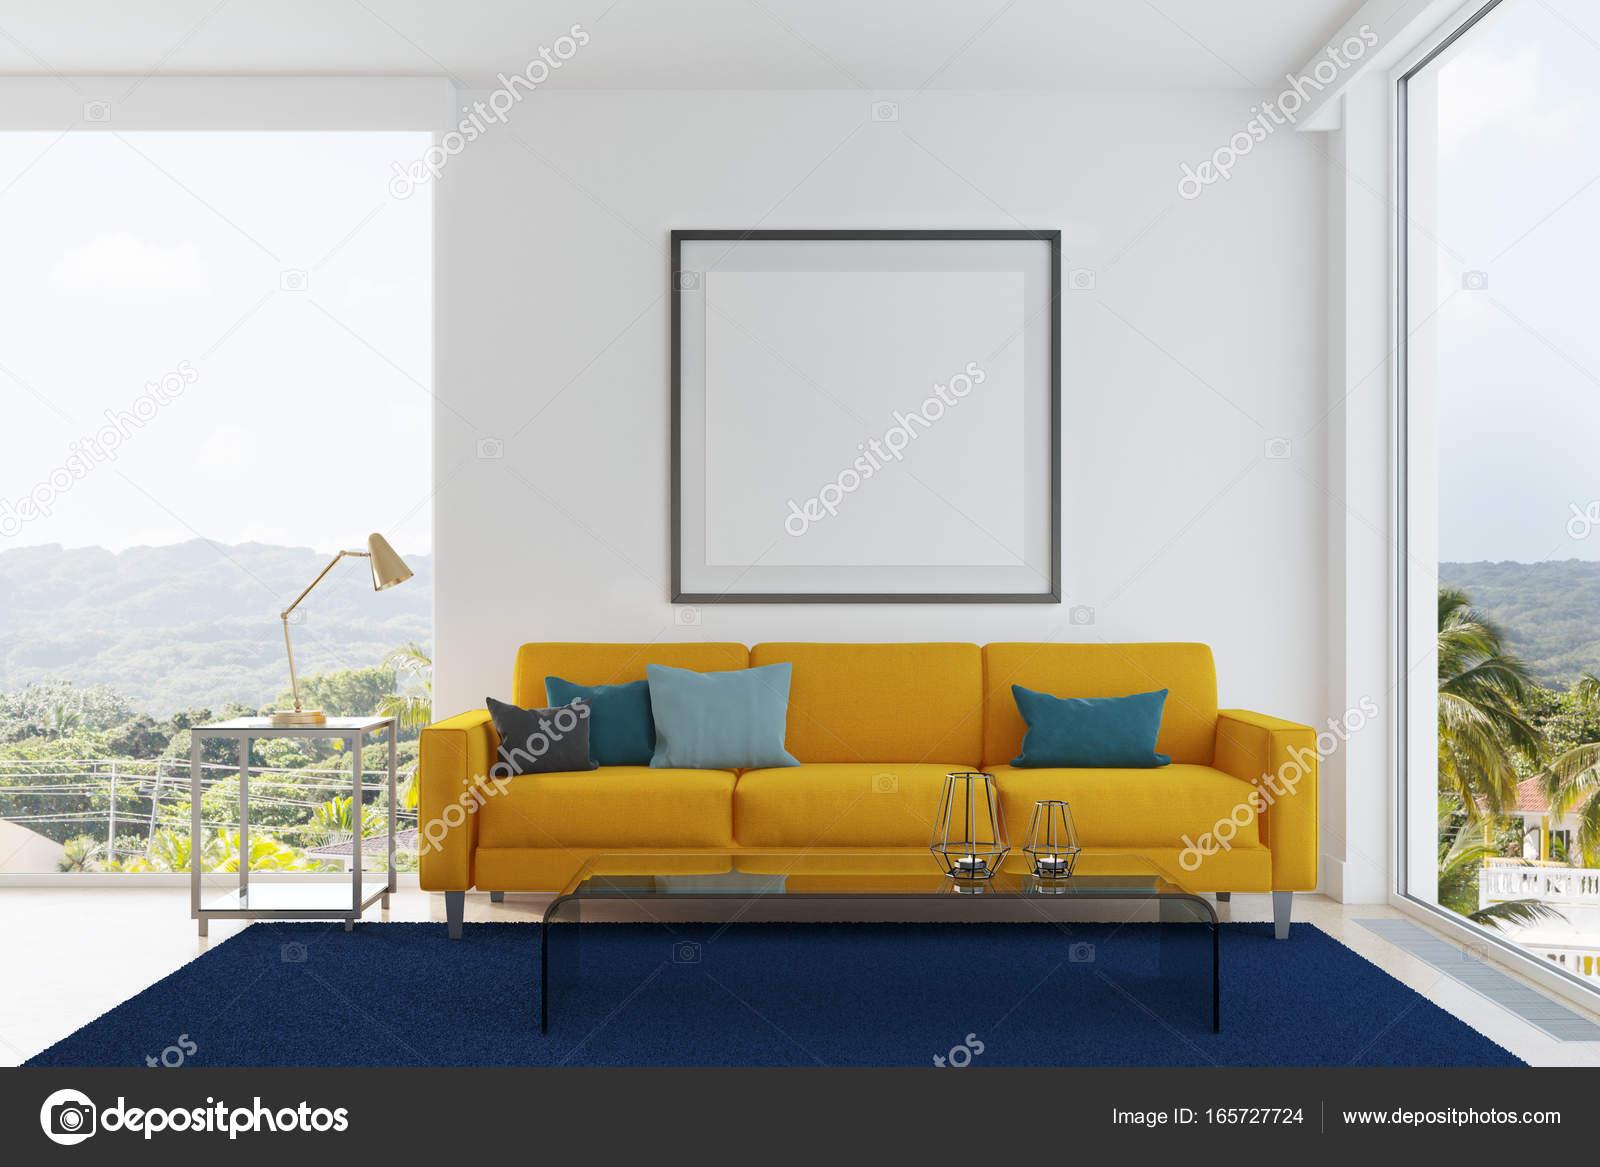 Weiße Wohnzimmer Interieur Mit Einem Gelben Sofa, Schwarz, Grau Und Blau  Kissen, Einen Blauen Teppich, Ein Gerahmtes Quadratische Plakat Und Loft  Fenster.